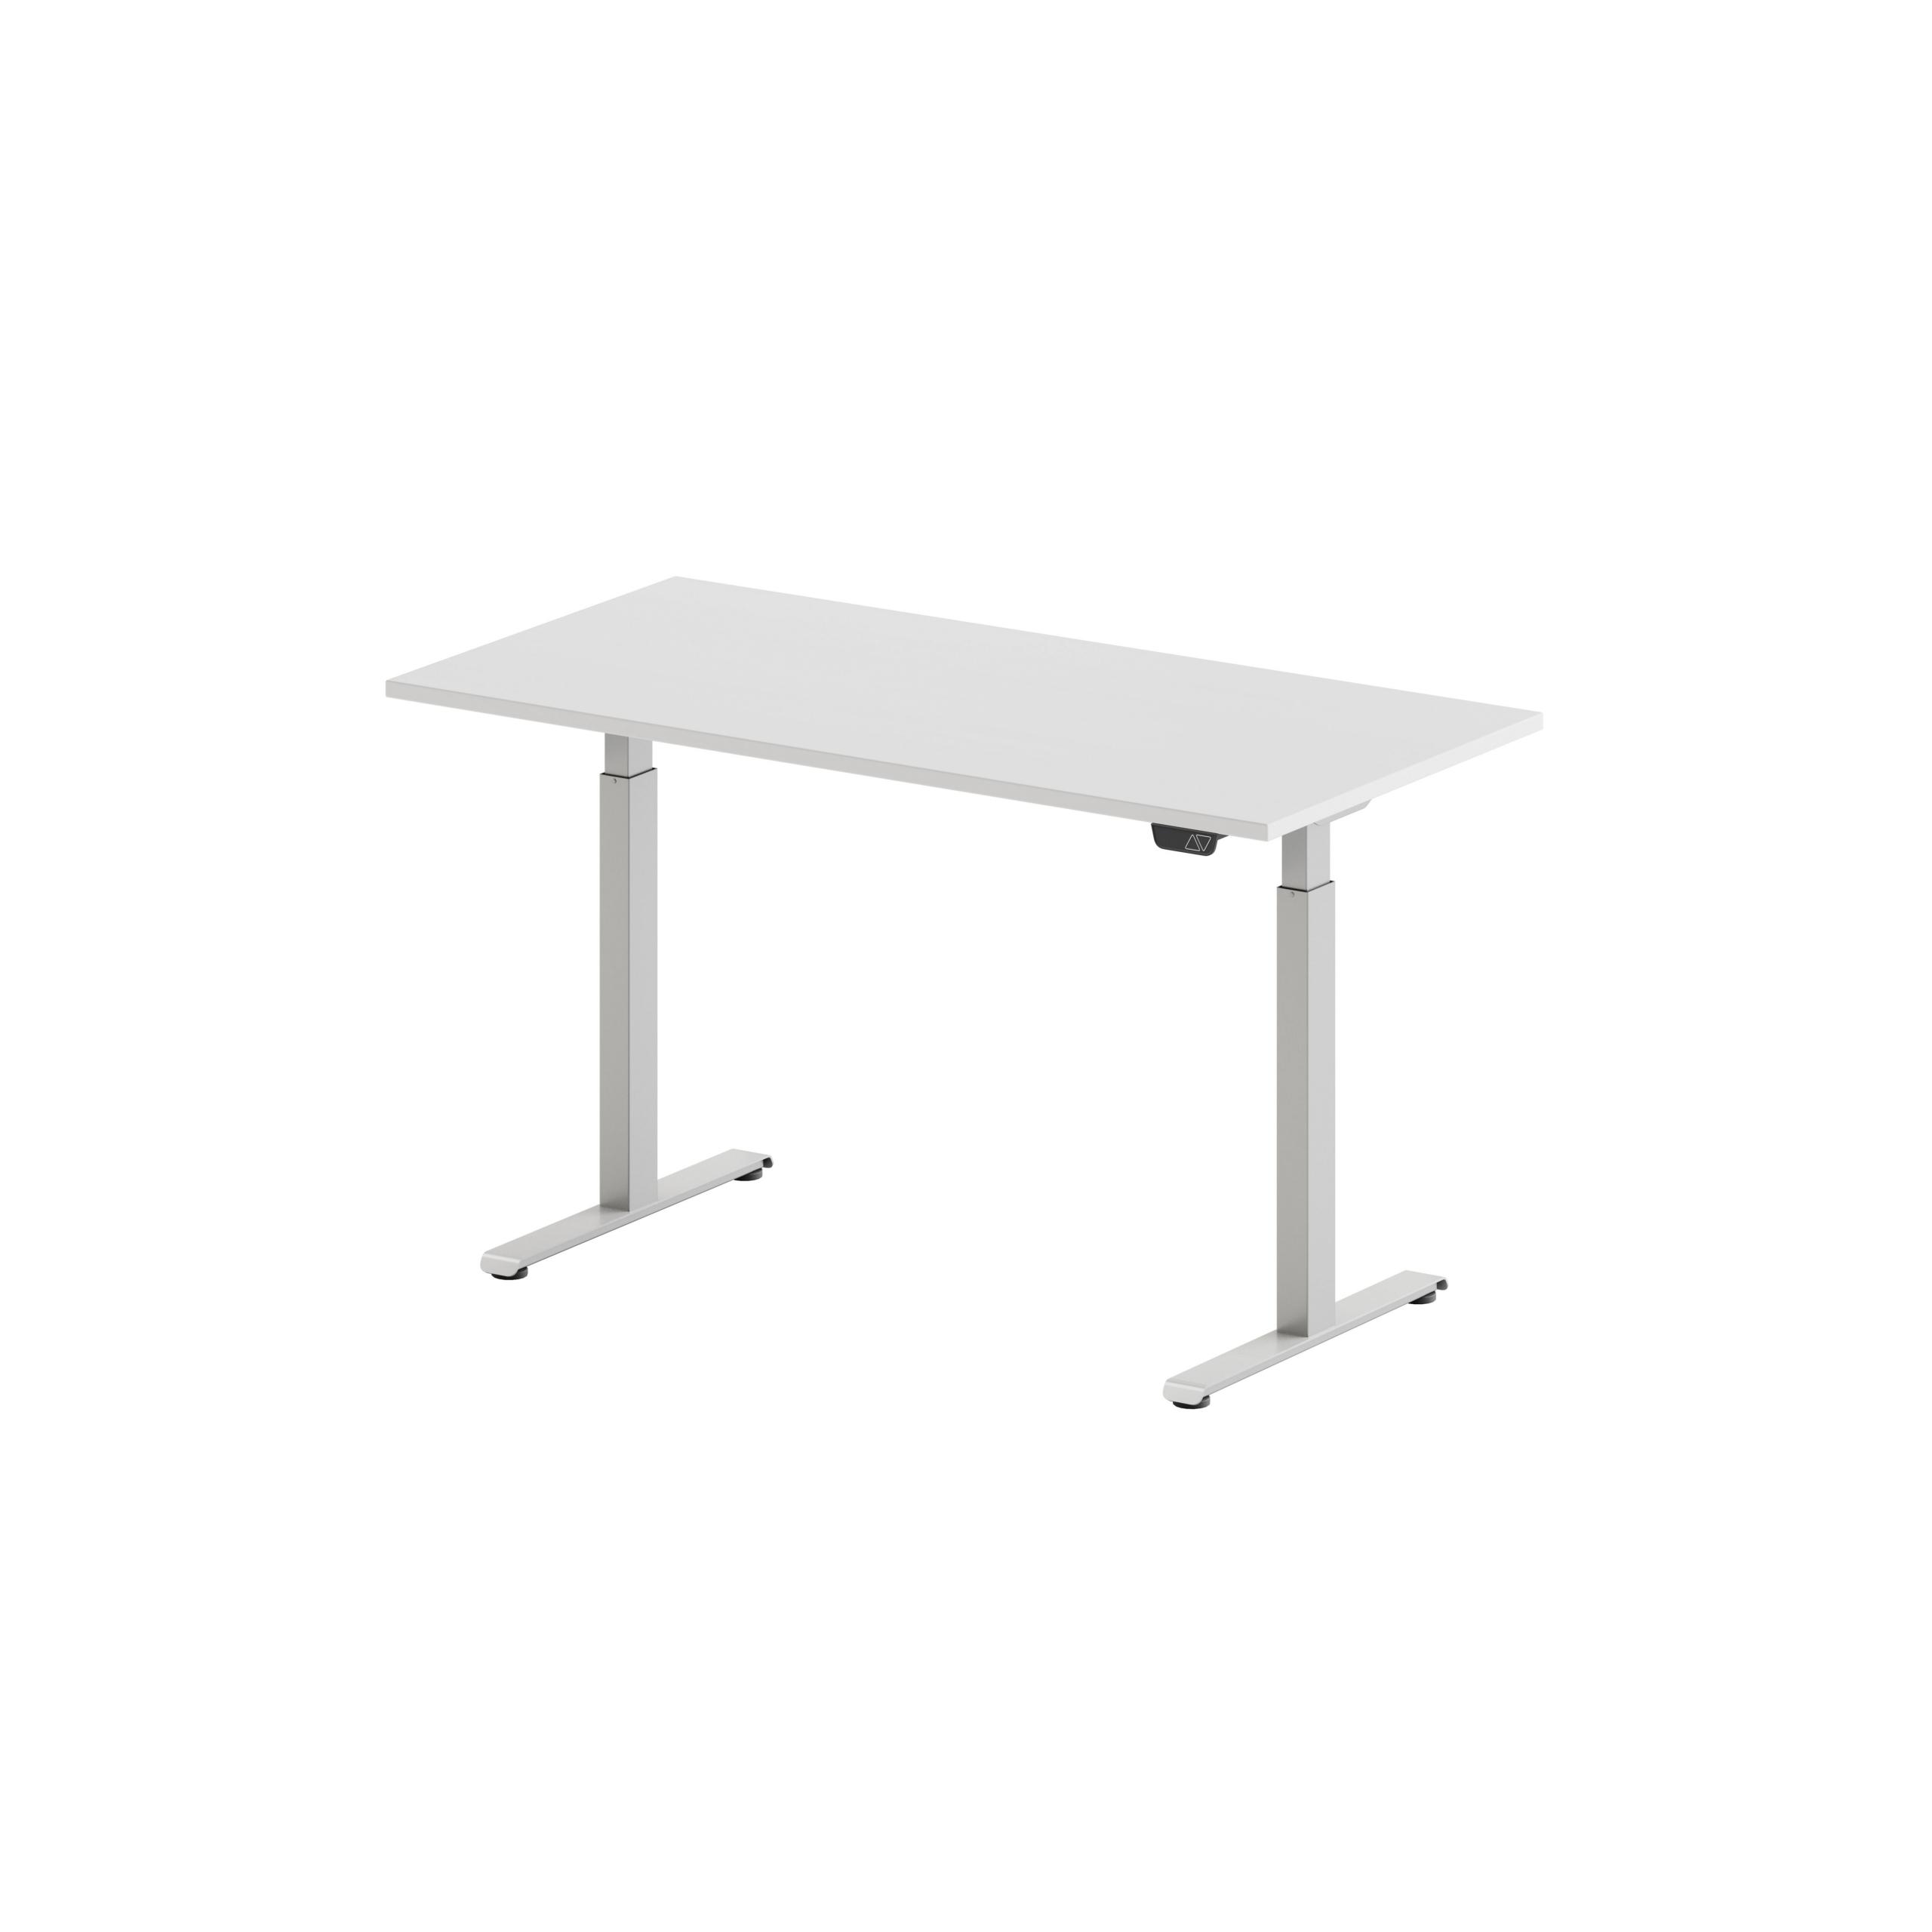 Neet Skrivbord sitt/stå produktbild 3